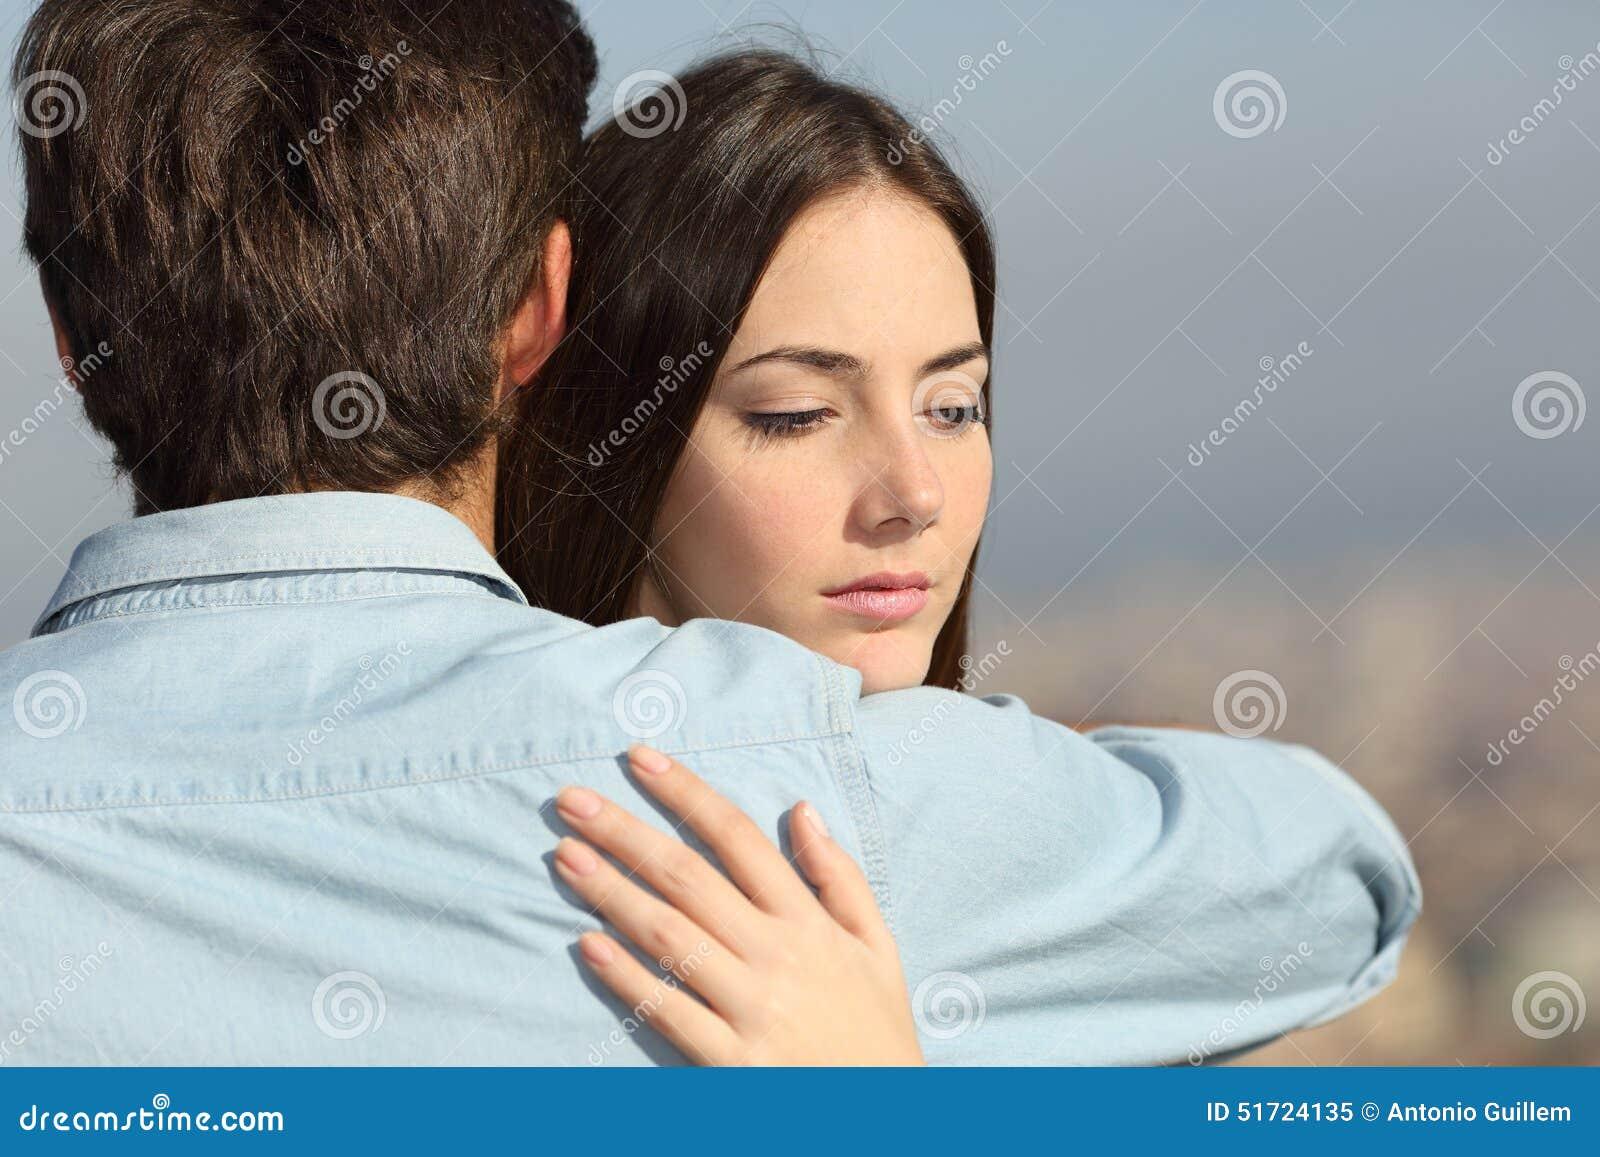 Парень с девушкой расстались фото